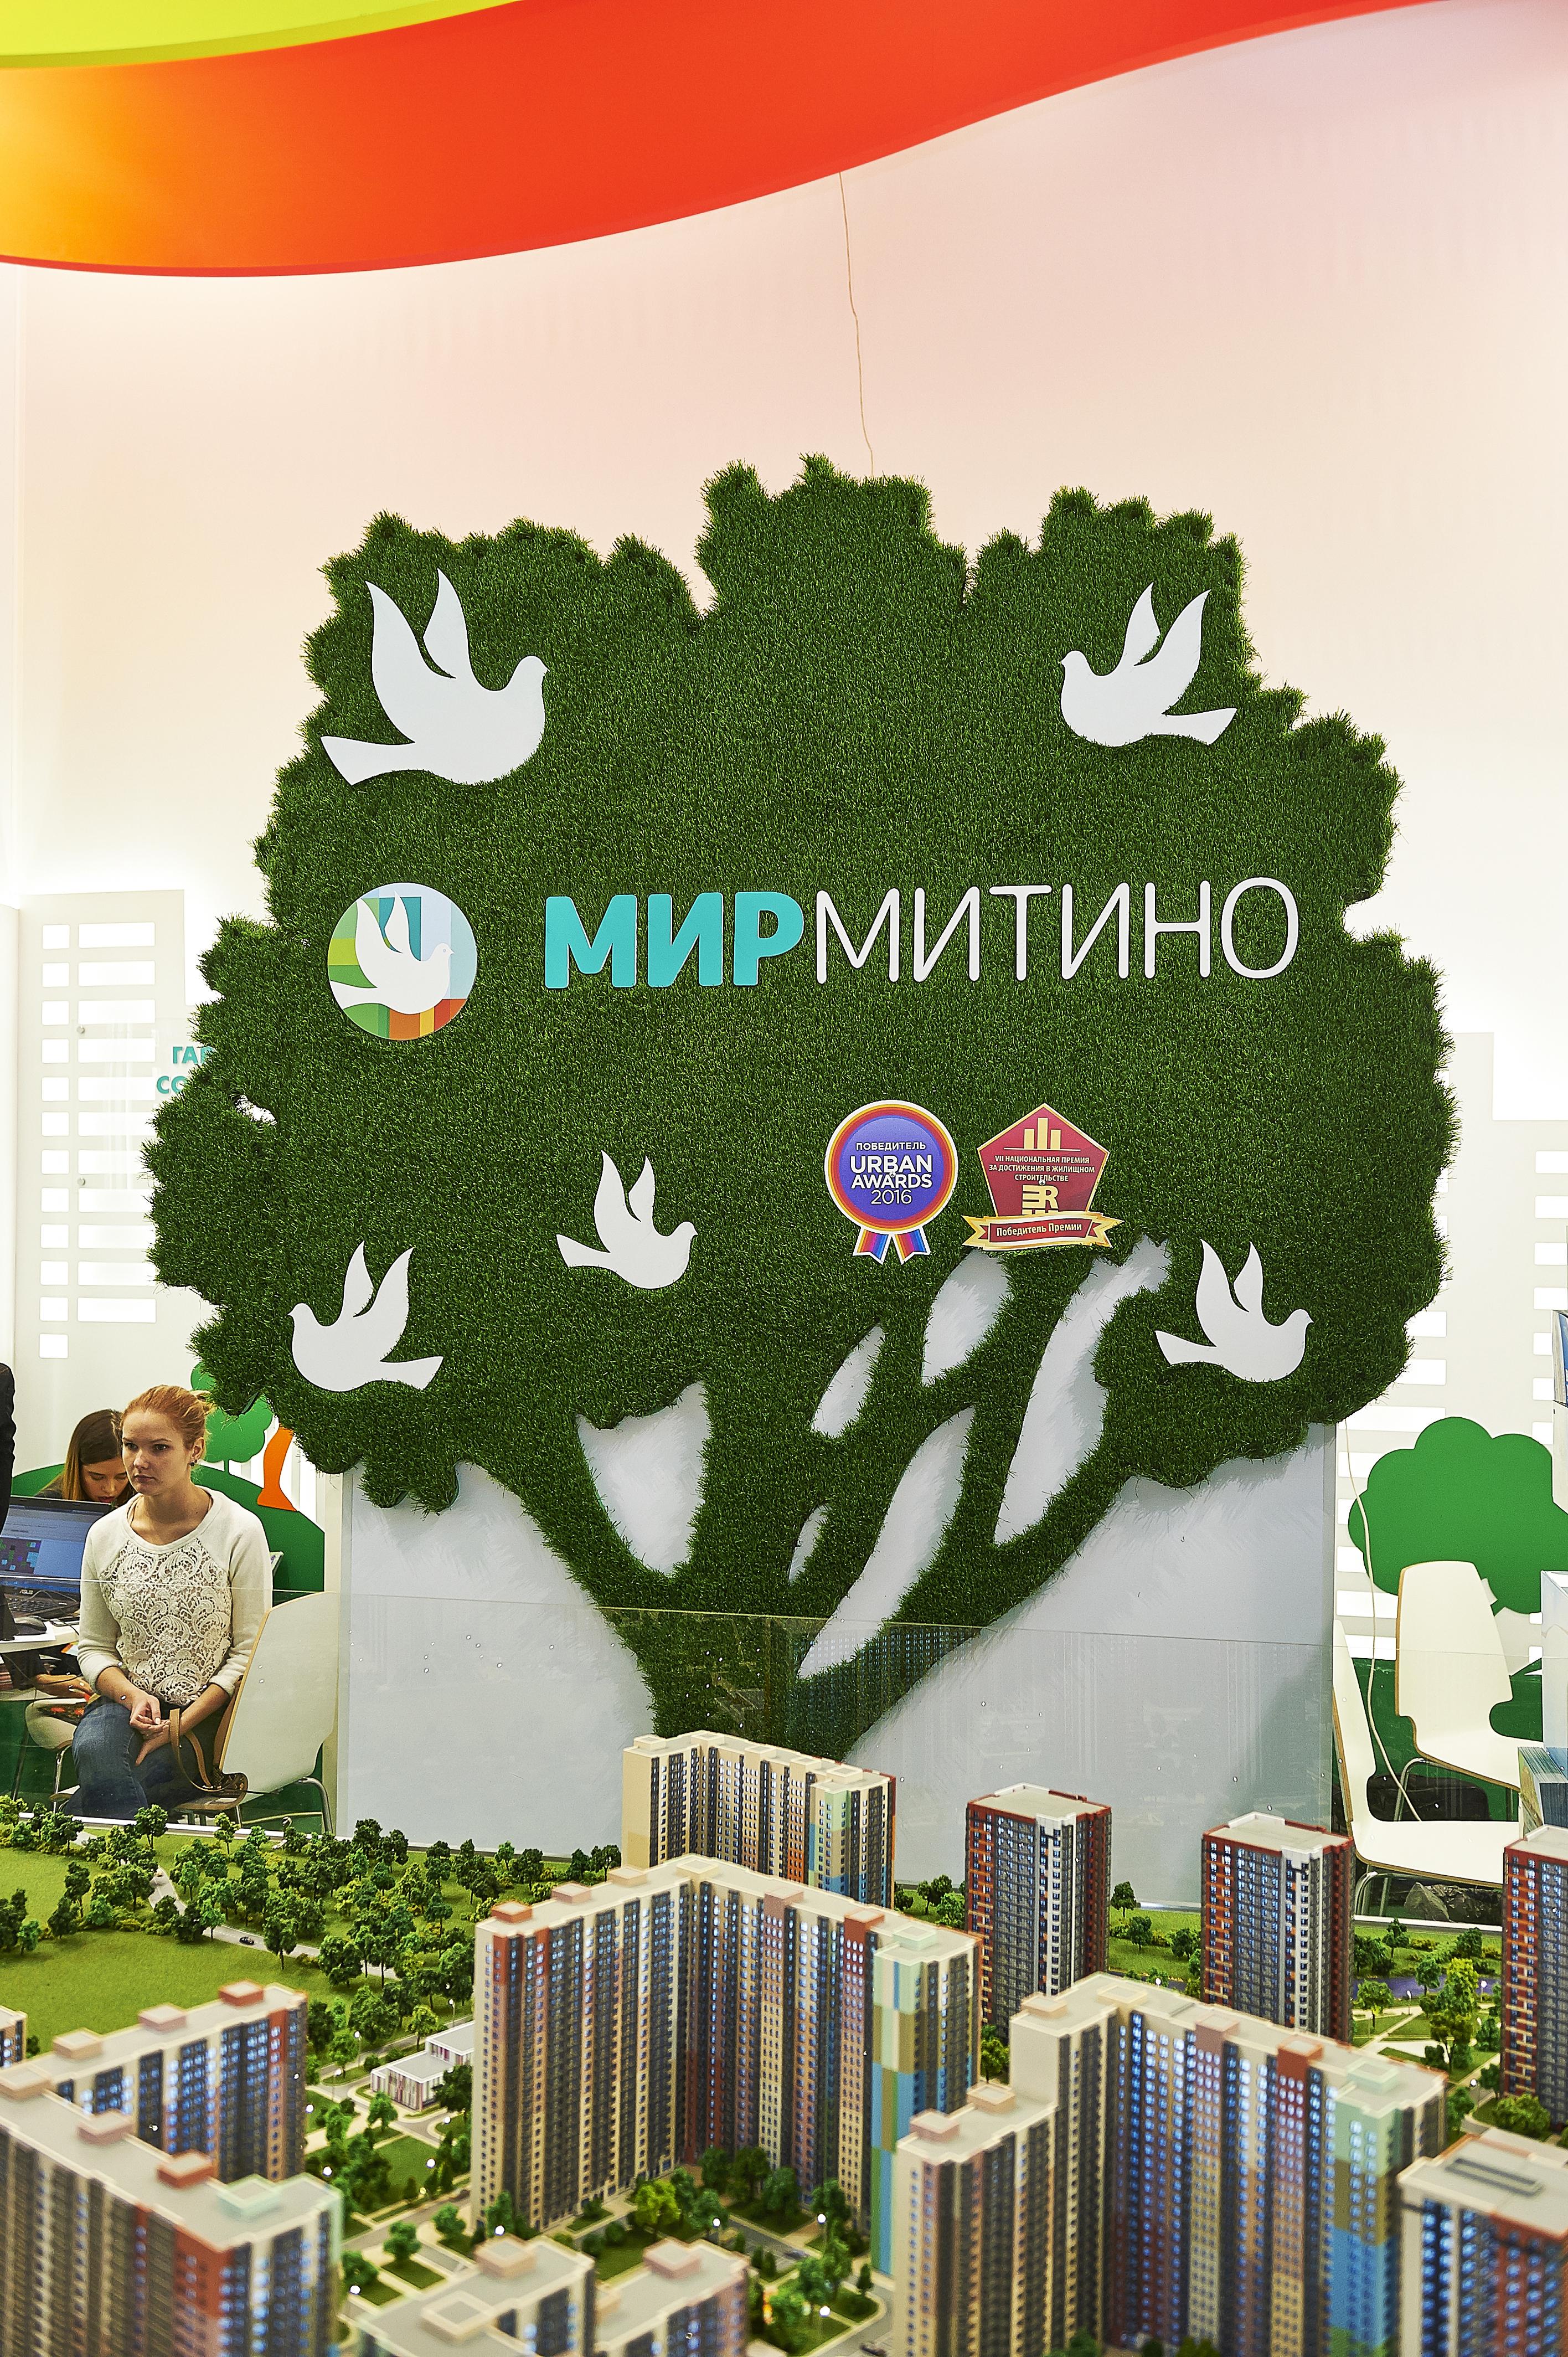 MirMitino_300dpi_13